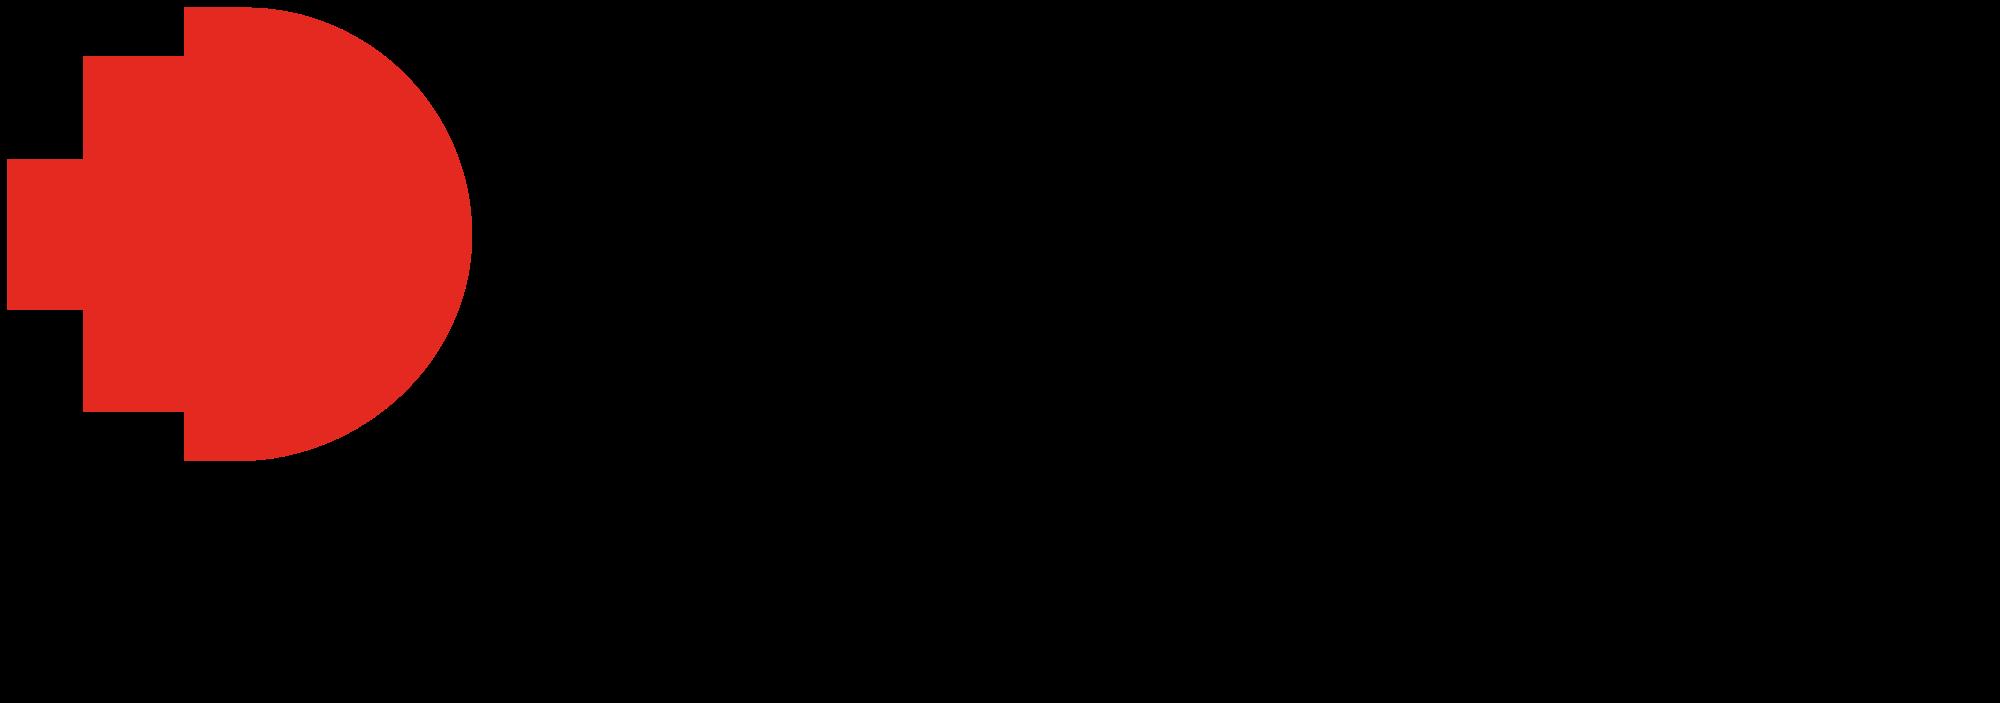 RMIT-inline.png